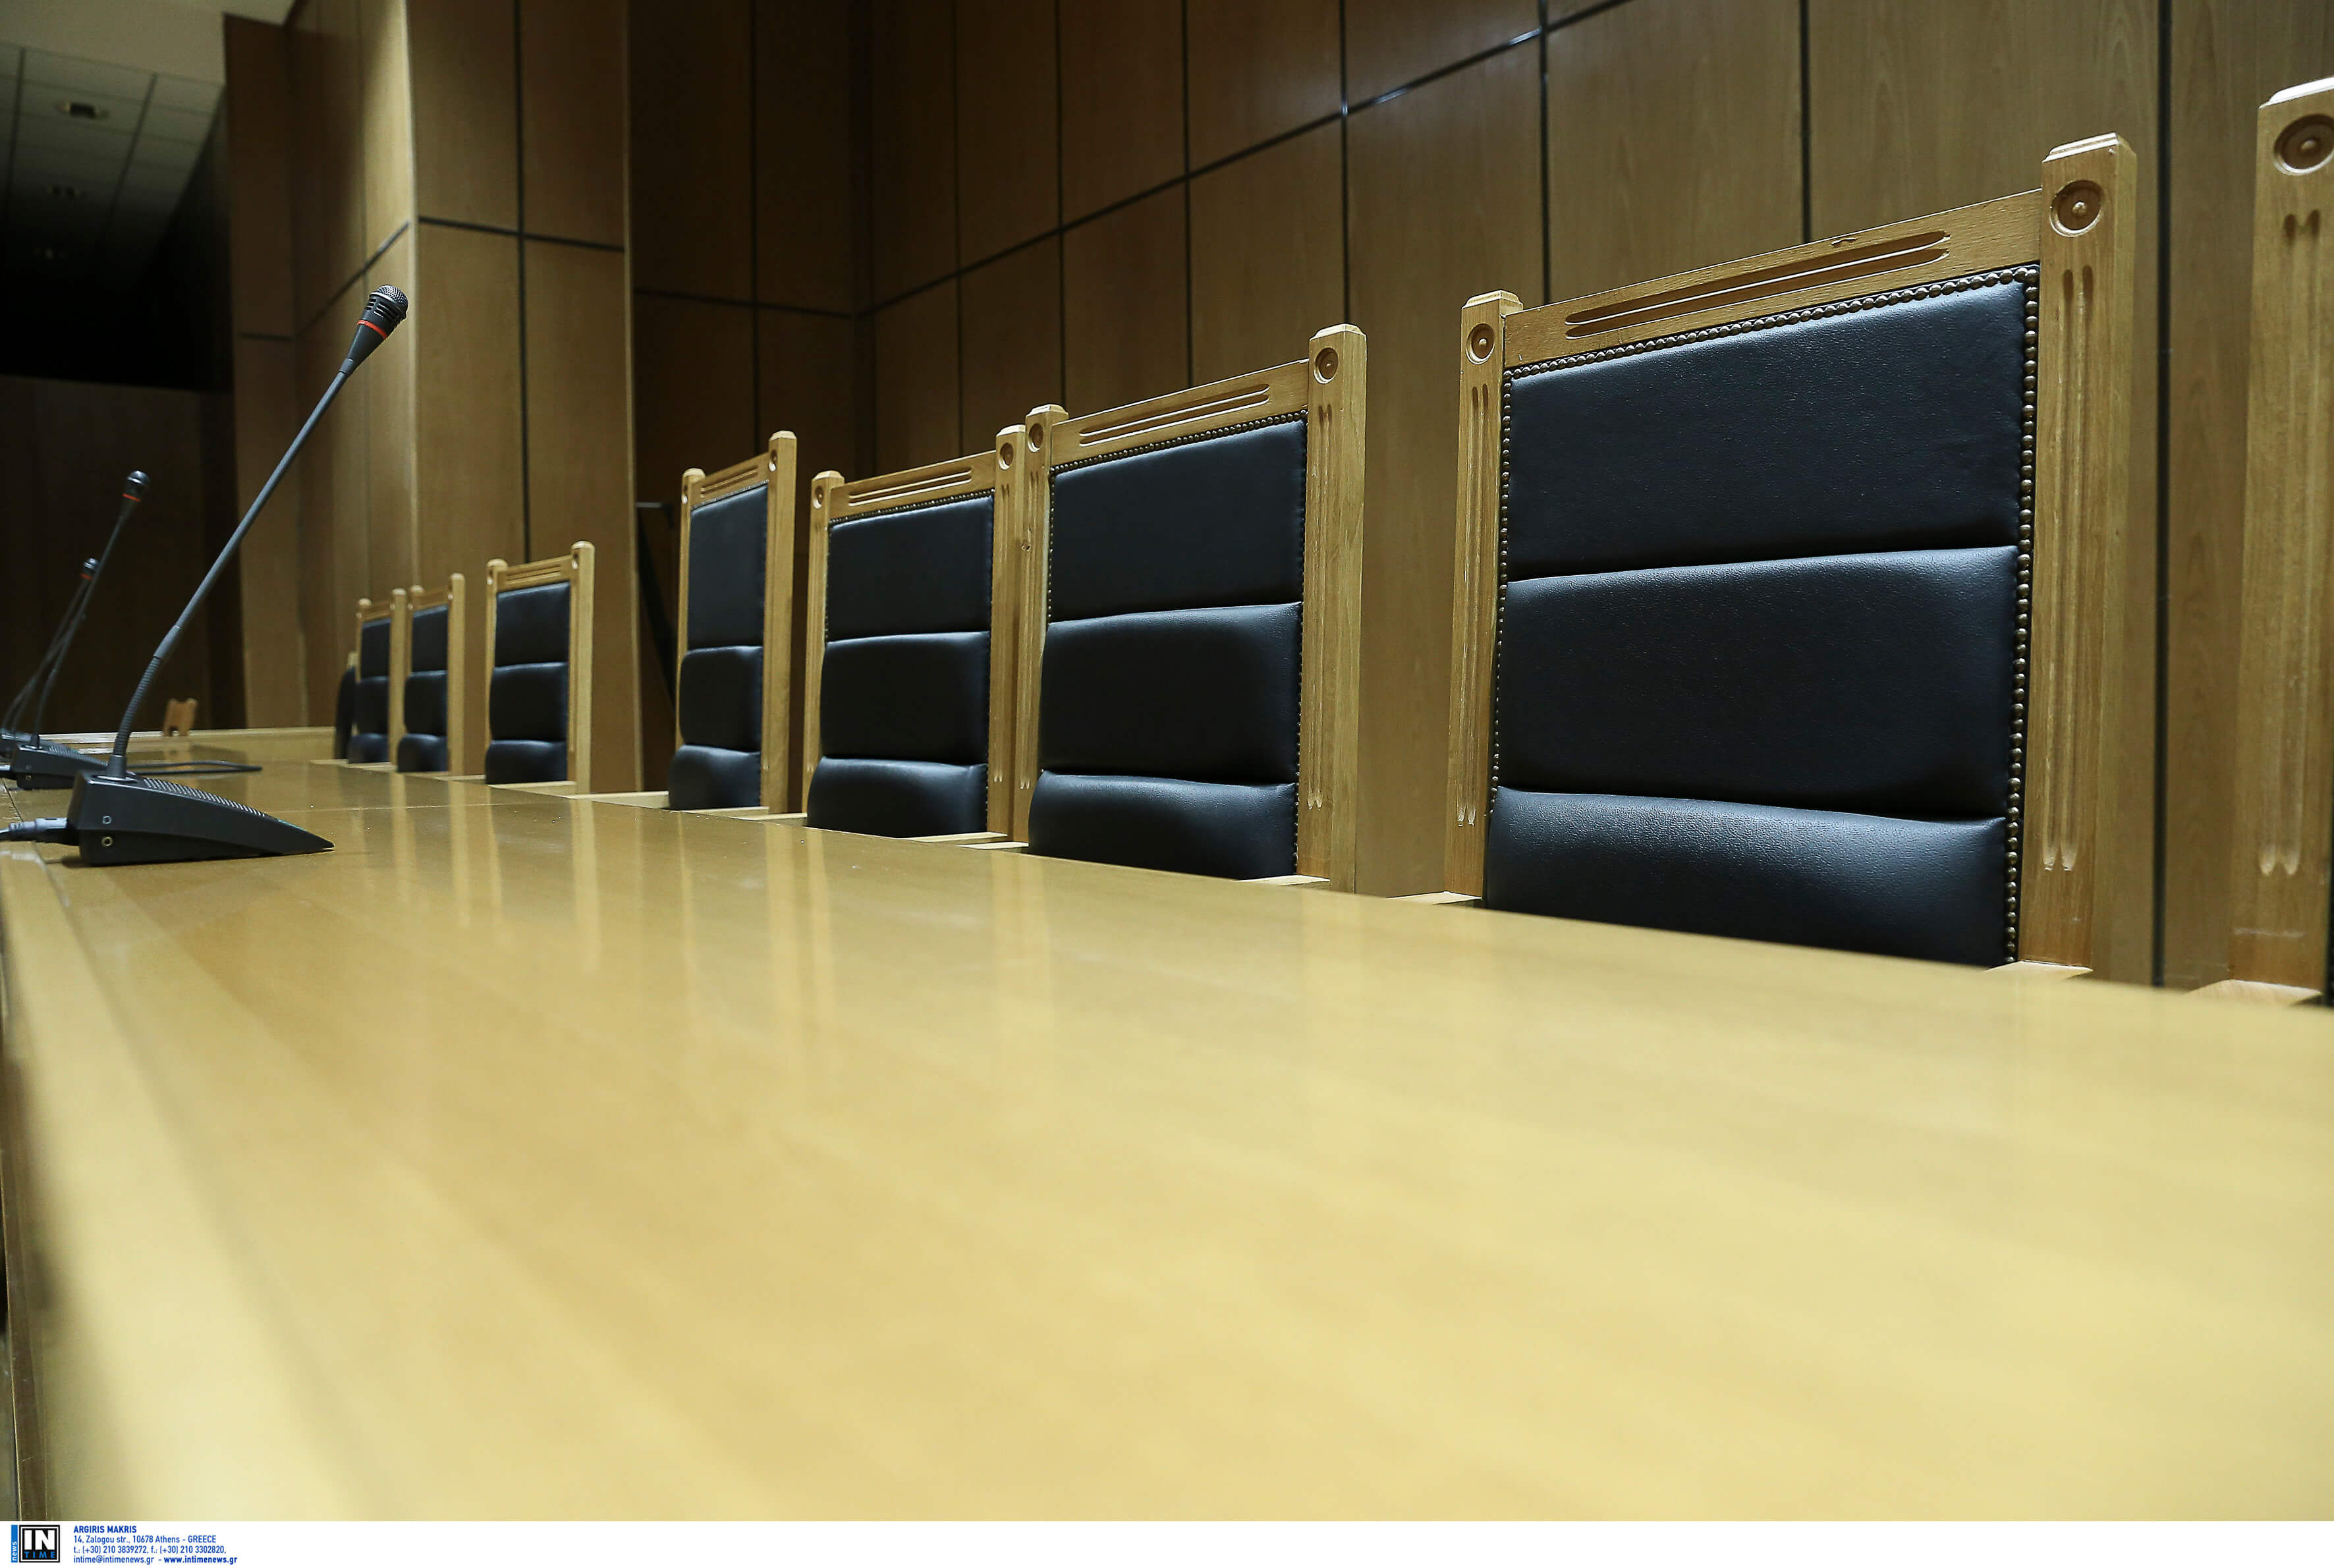 Ρόδος: Ανατροπή στην υπόθεση απόπειρας βιασμού της φοιτήτριας – Ελεύθερος ο κατηγορούμενος!